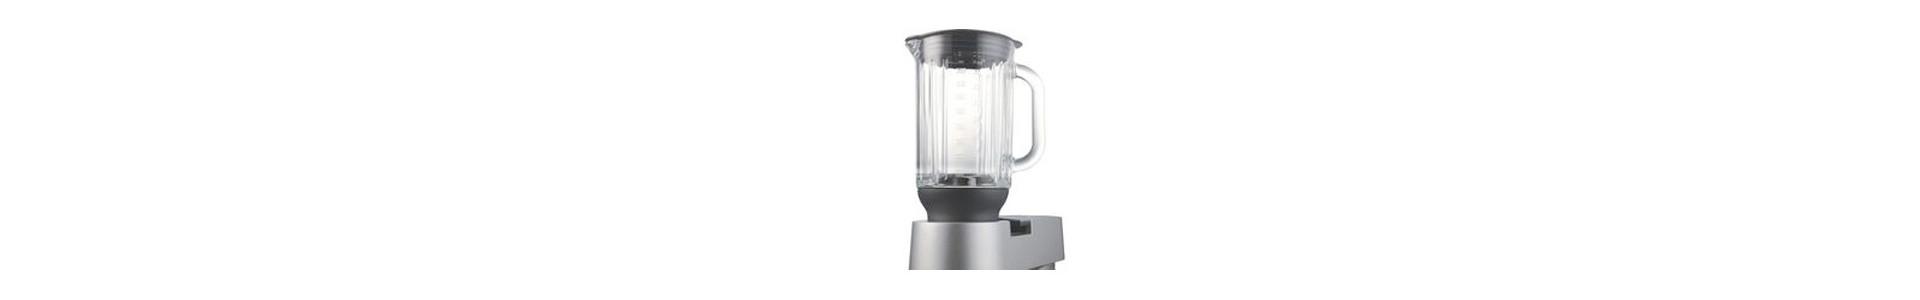 Blender verre Kenwood thermoresist AWAT358